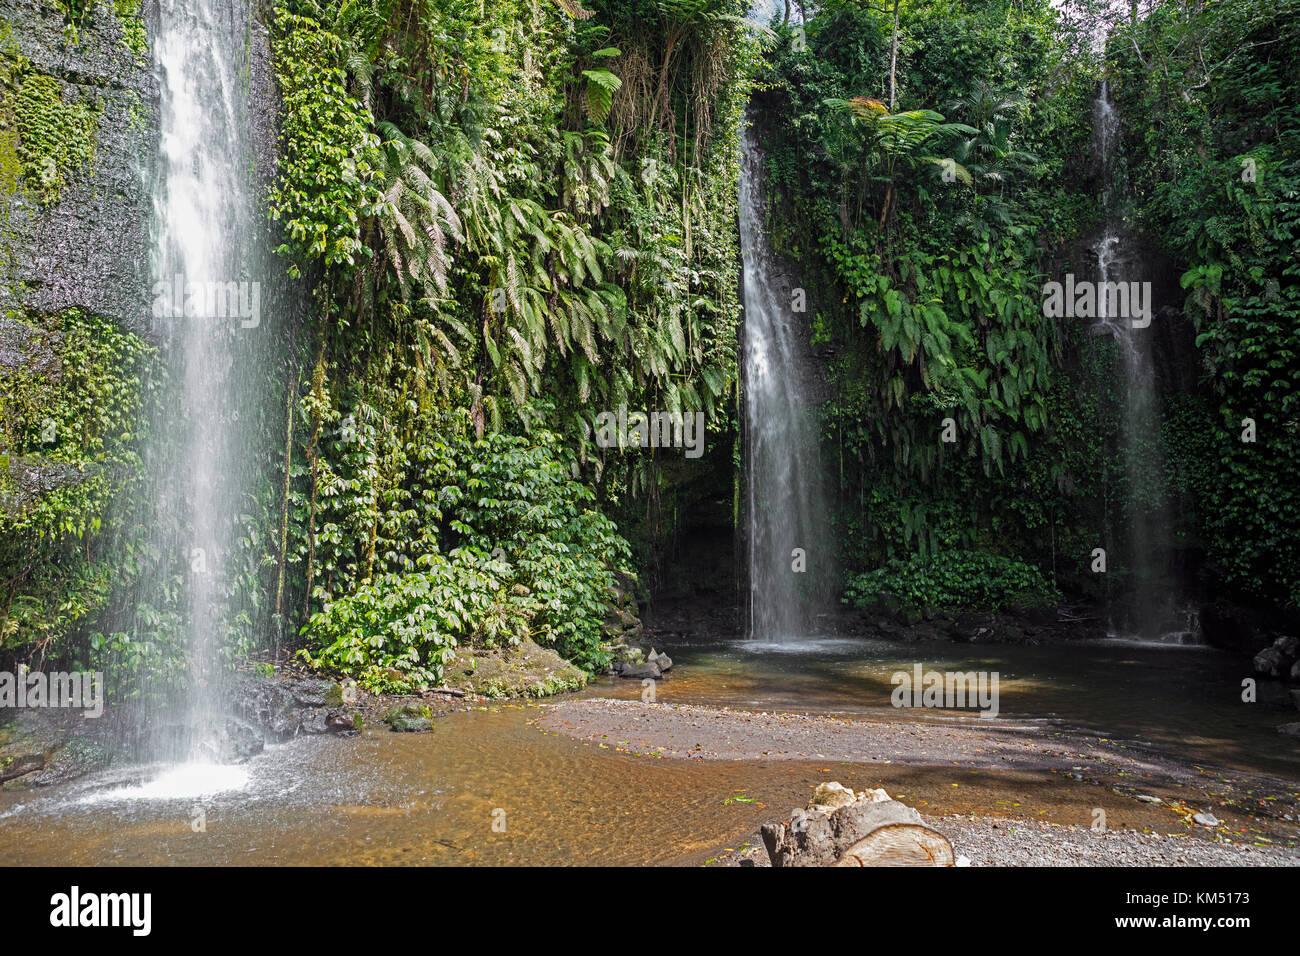 Kelambu benang cascades dans la forêt tropicale près du village aik berik, batukliang nord, centrale de Photo Stock